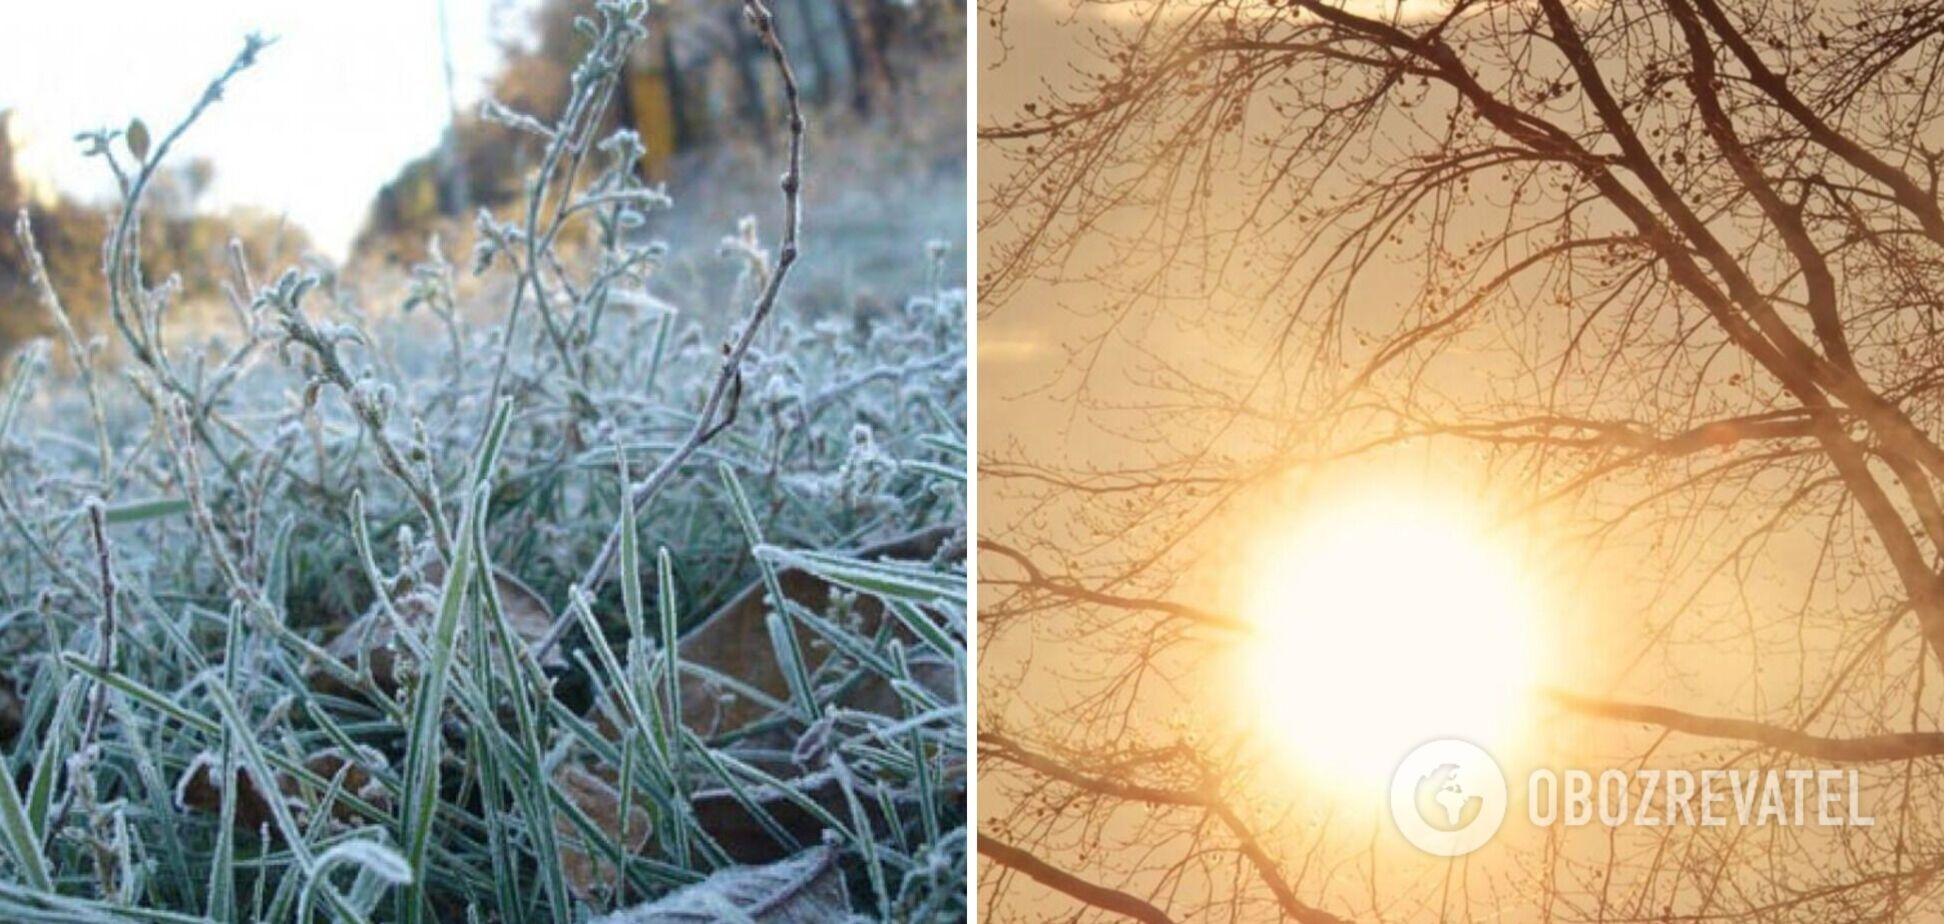 Україну знову охоплять заморозки: з'явився прогноз погоди на неділю. Карта